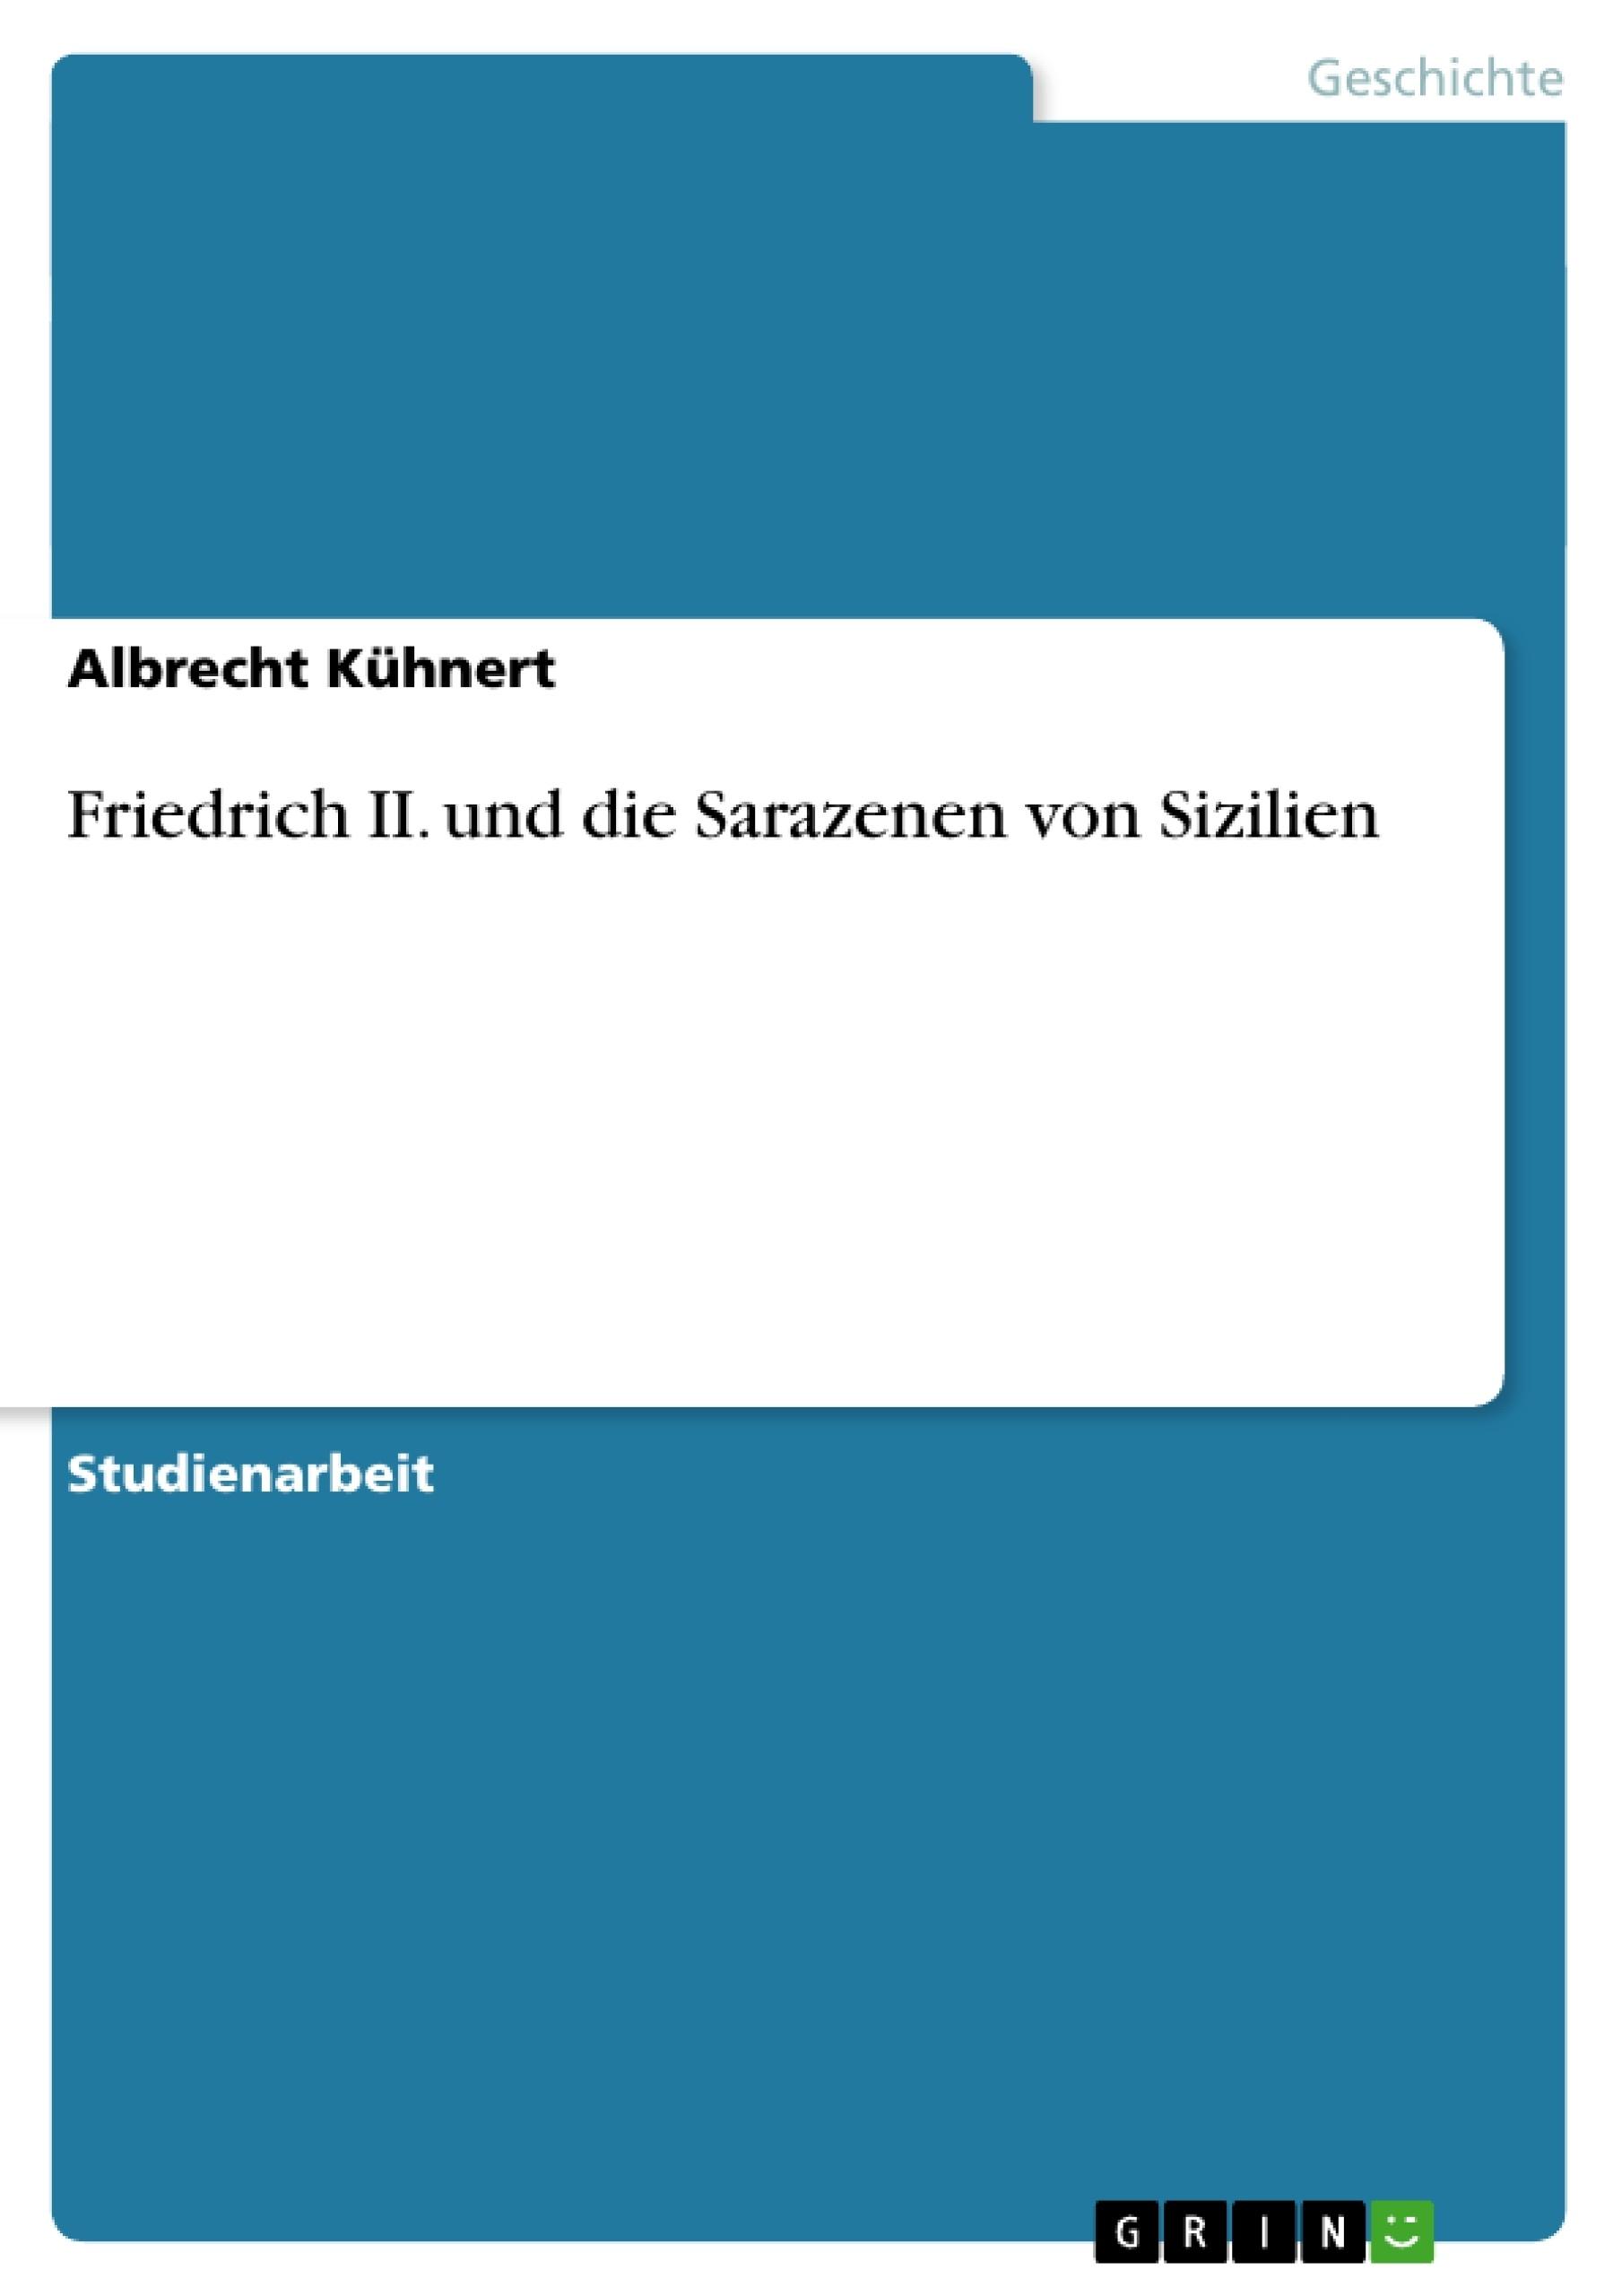 Titel: Friedrich II. und die Sarazenen von Sizilien